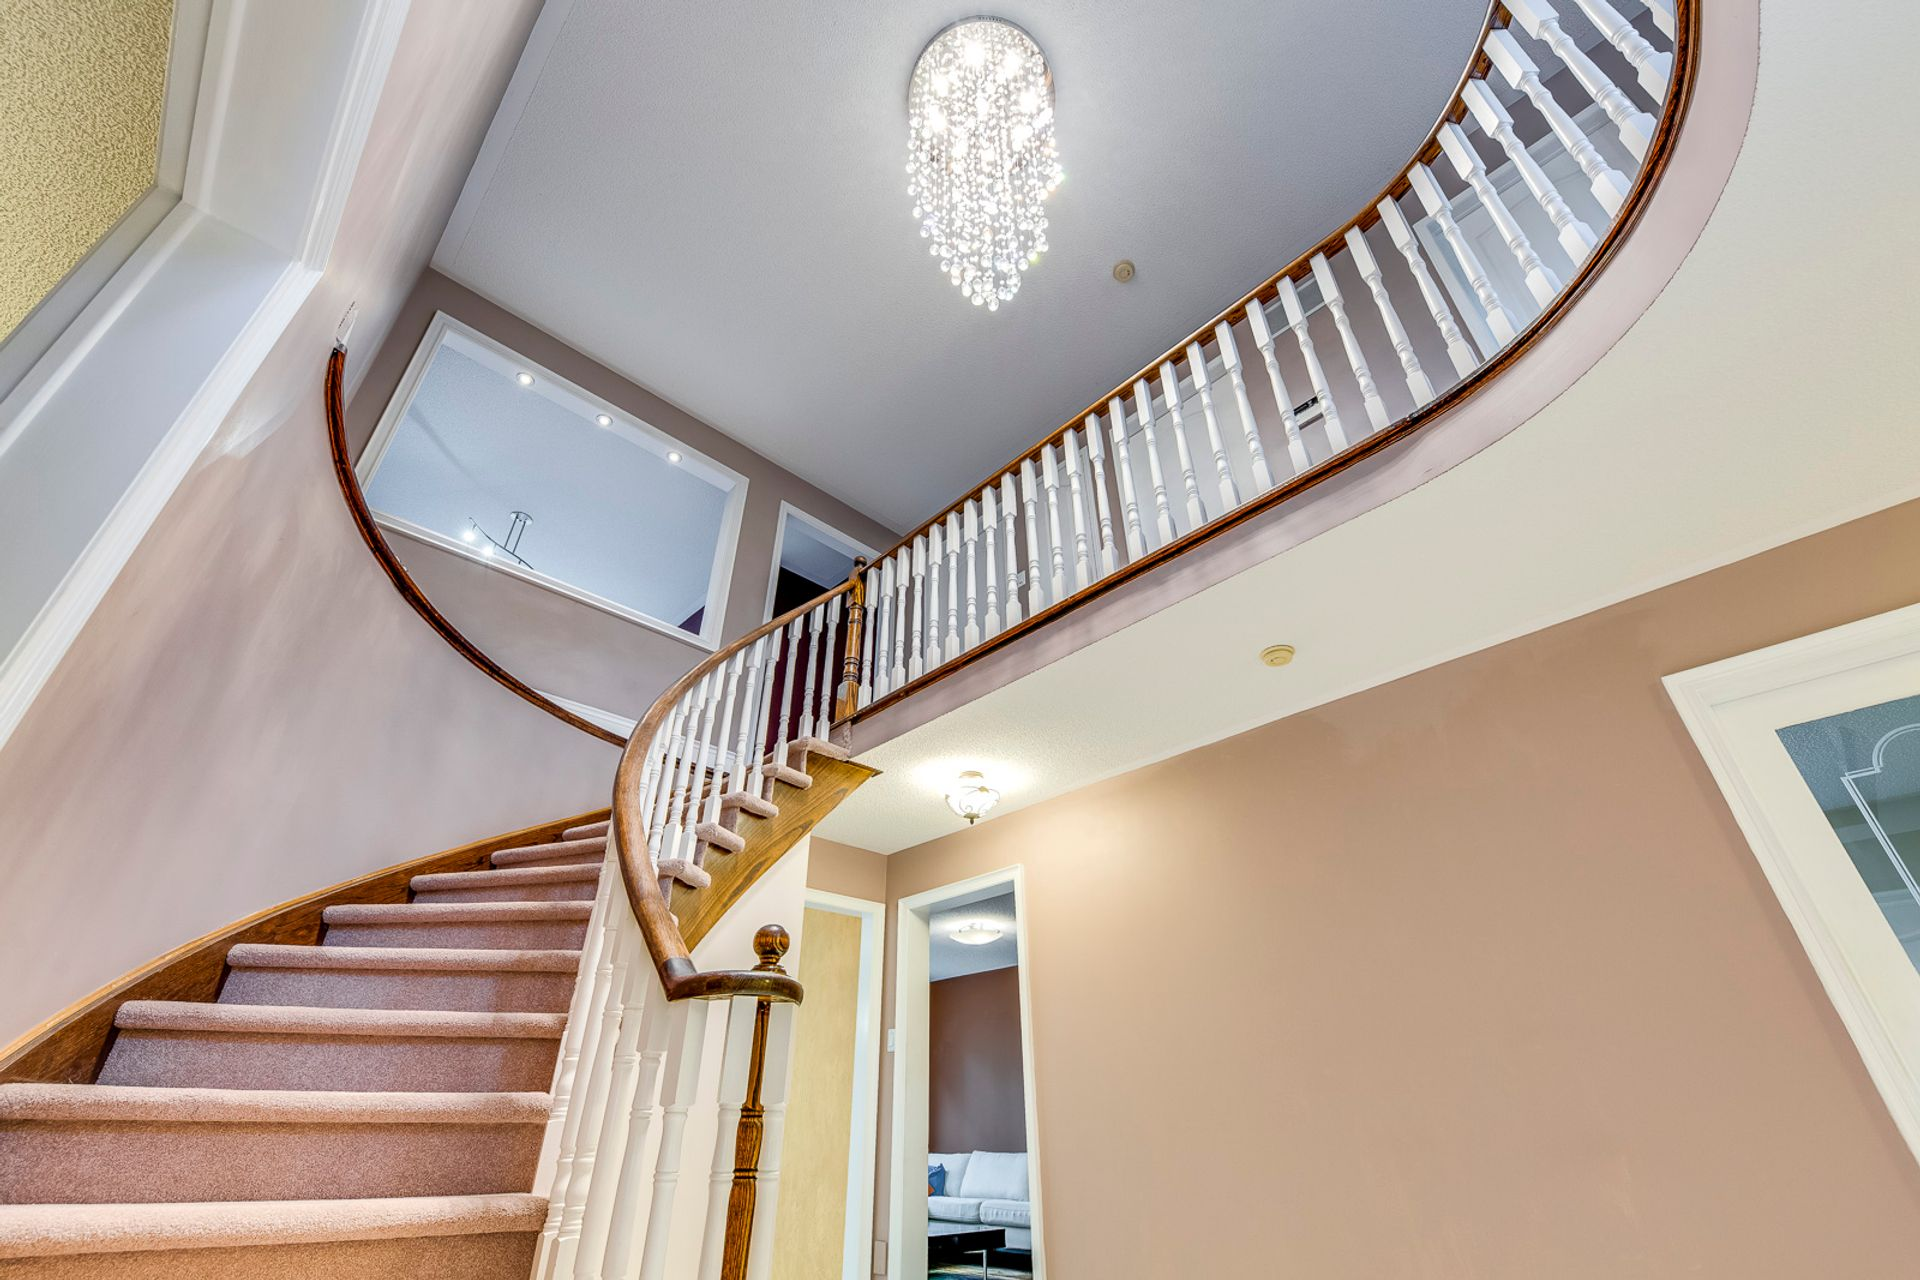 Stairs - 1522 Estes Cres, Mississauga - Elite3 & Team at 1522 Estes Crescent, East Credit, Mississauga